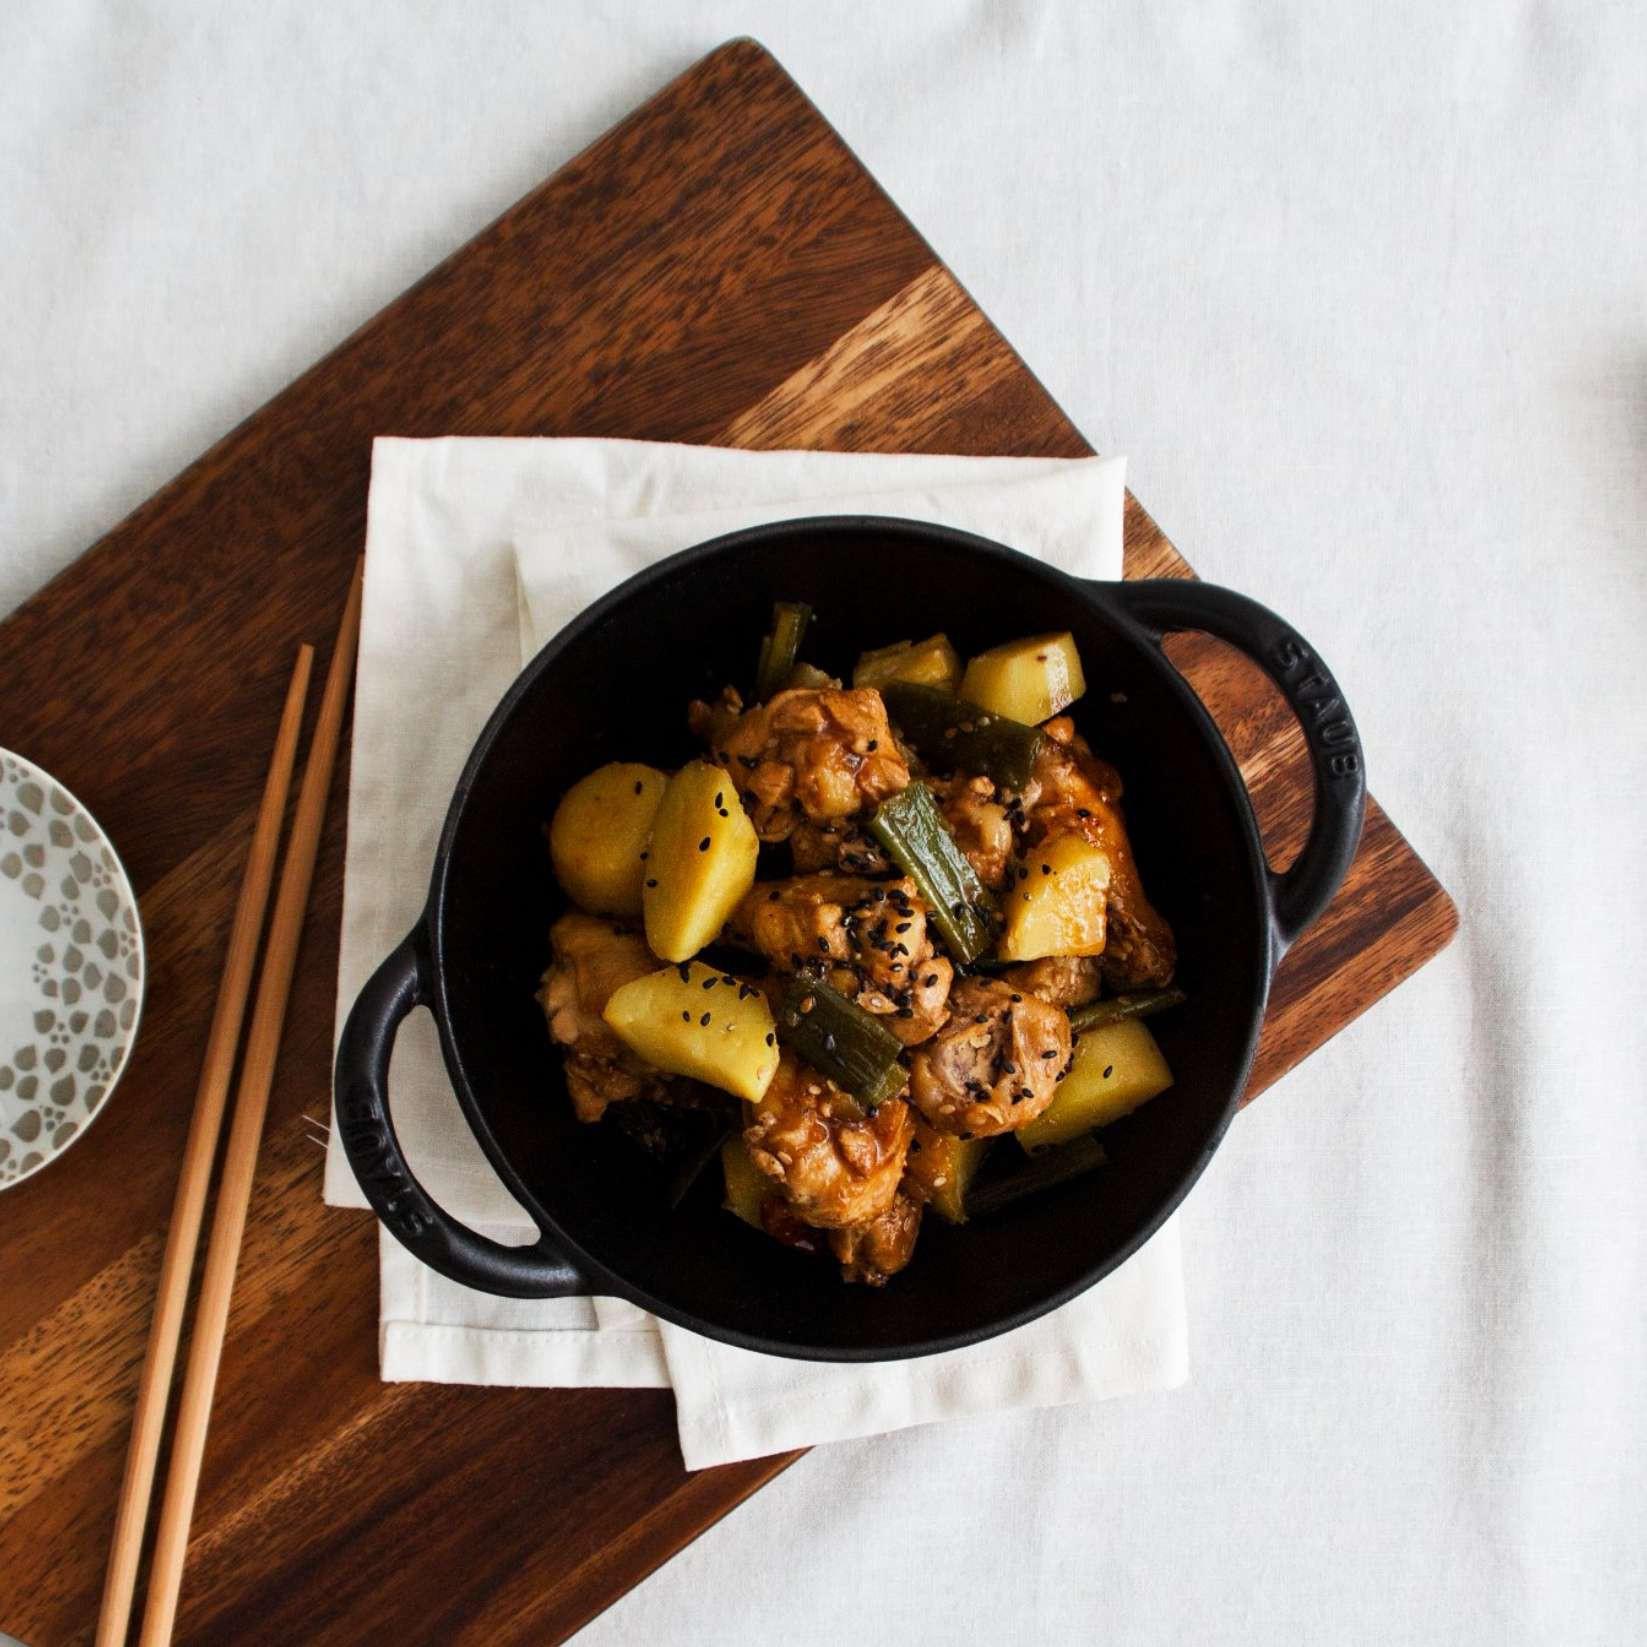 Người Hàn có cách chế biến thịt gà cực lạ, tôi ăn thử một lần là thích ngay lập tức - Ảnh 5.